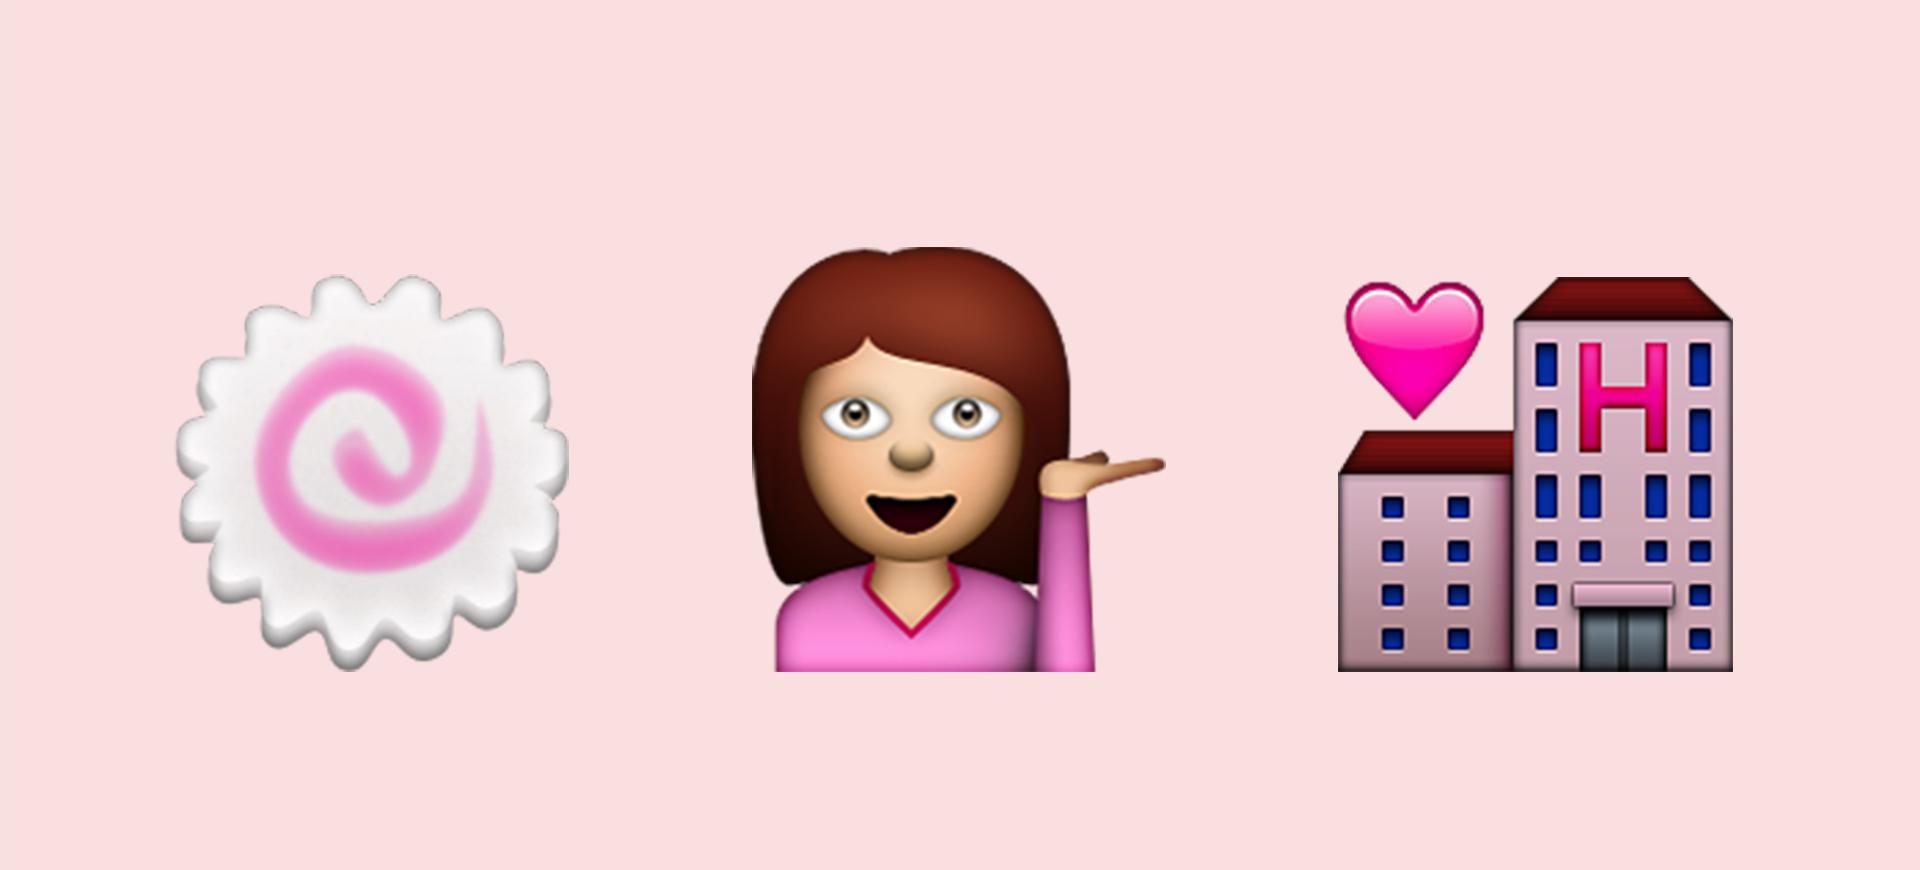 betydelse emoji